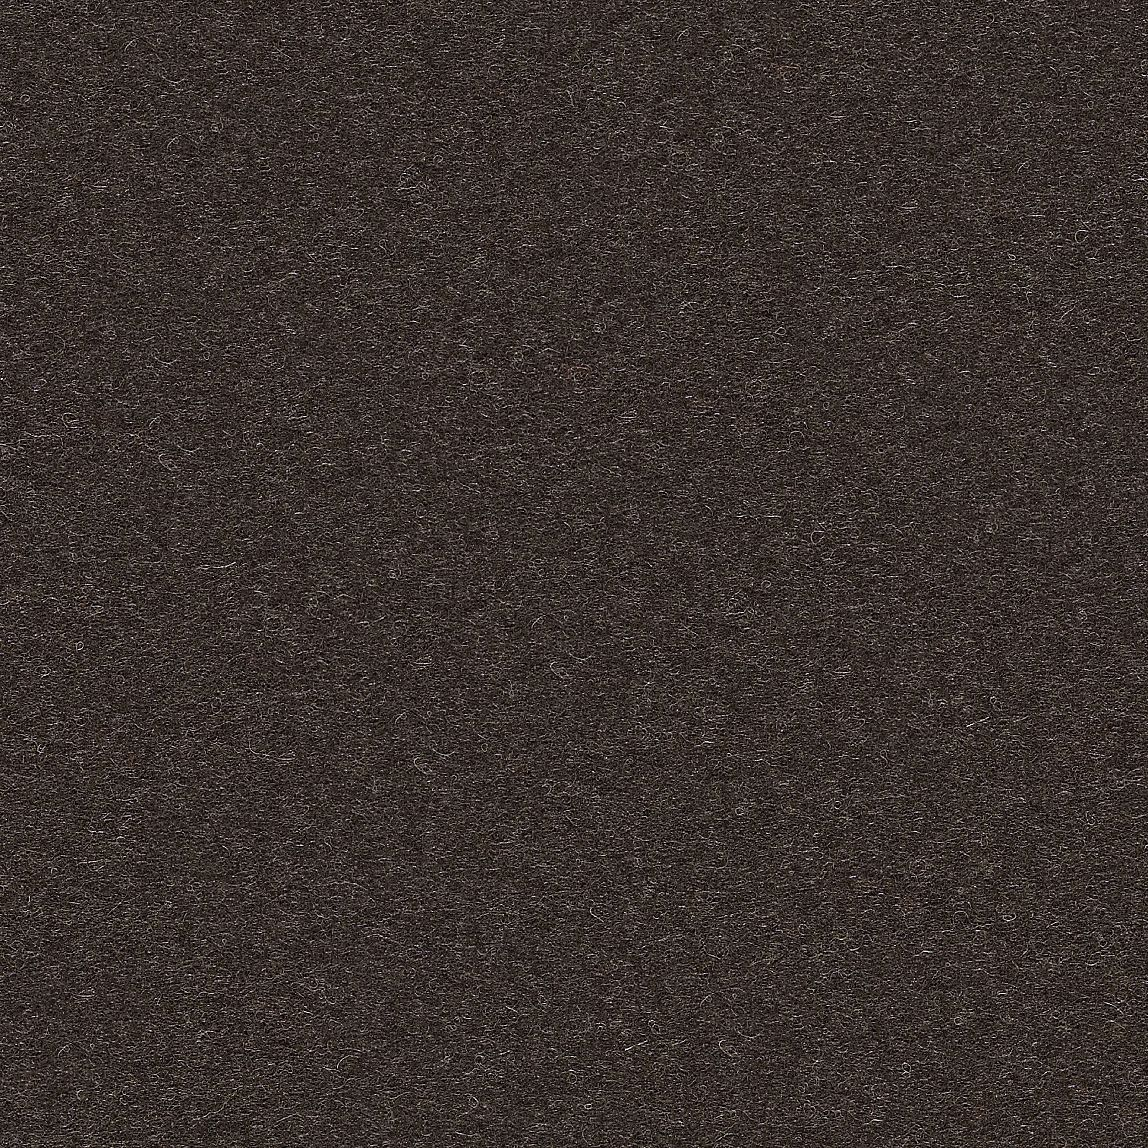 Divina Melange by Kvadrat 280 Swatch